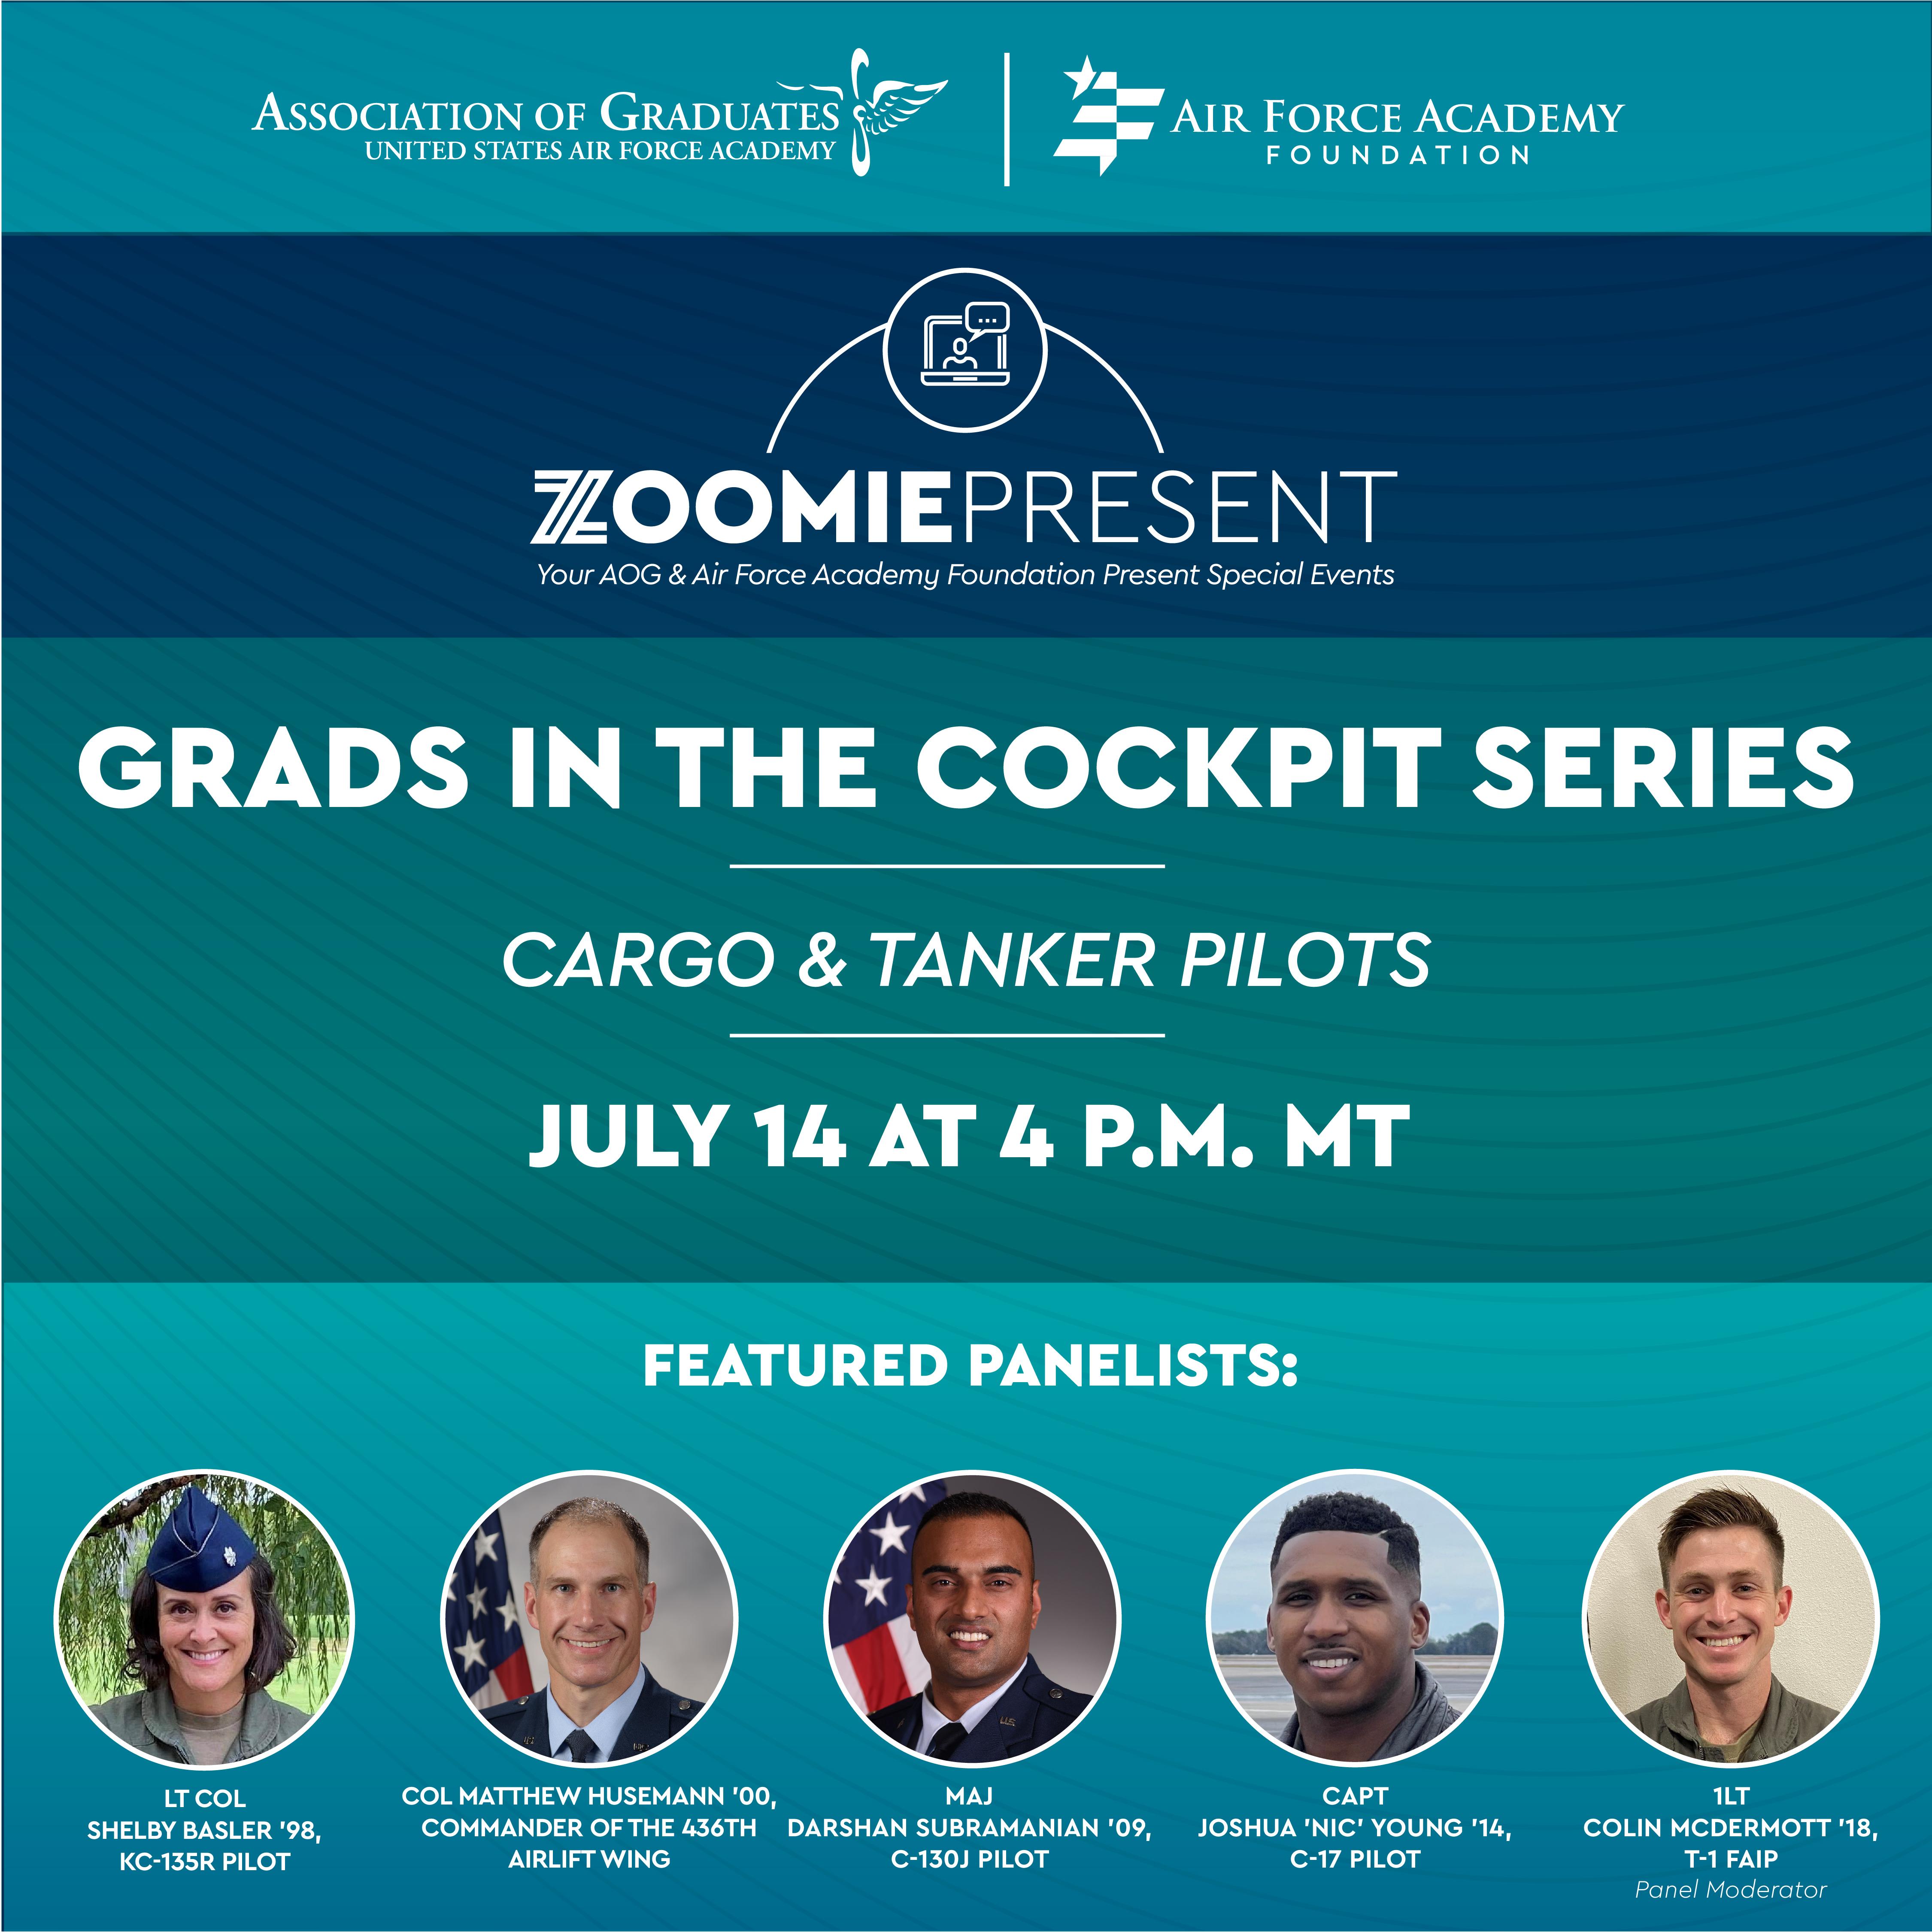 Image for Grads in the Cockpit | Cargo & Tanker Pilots webinar